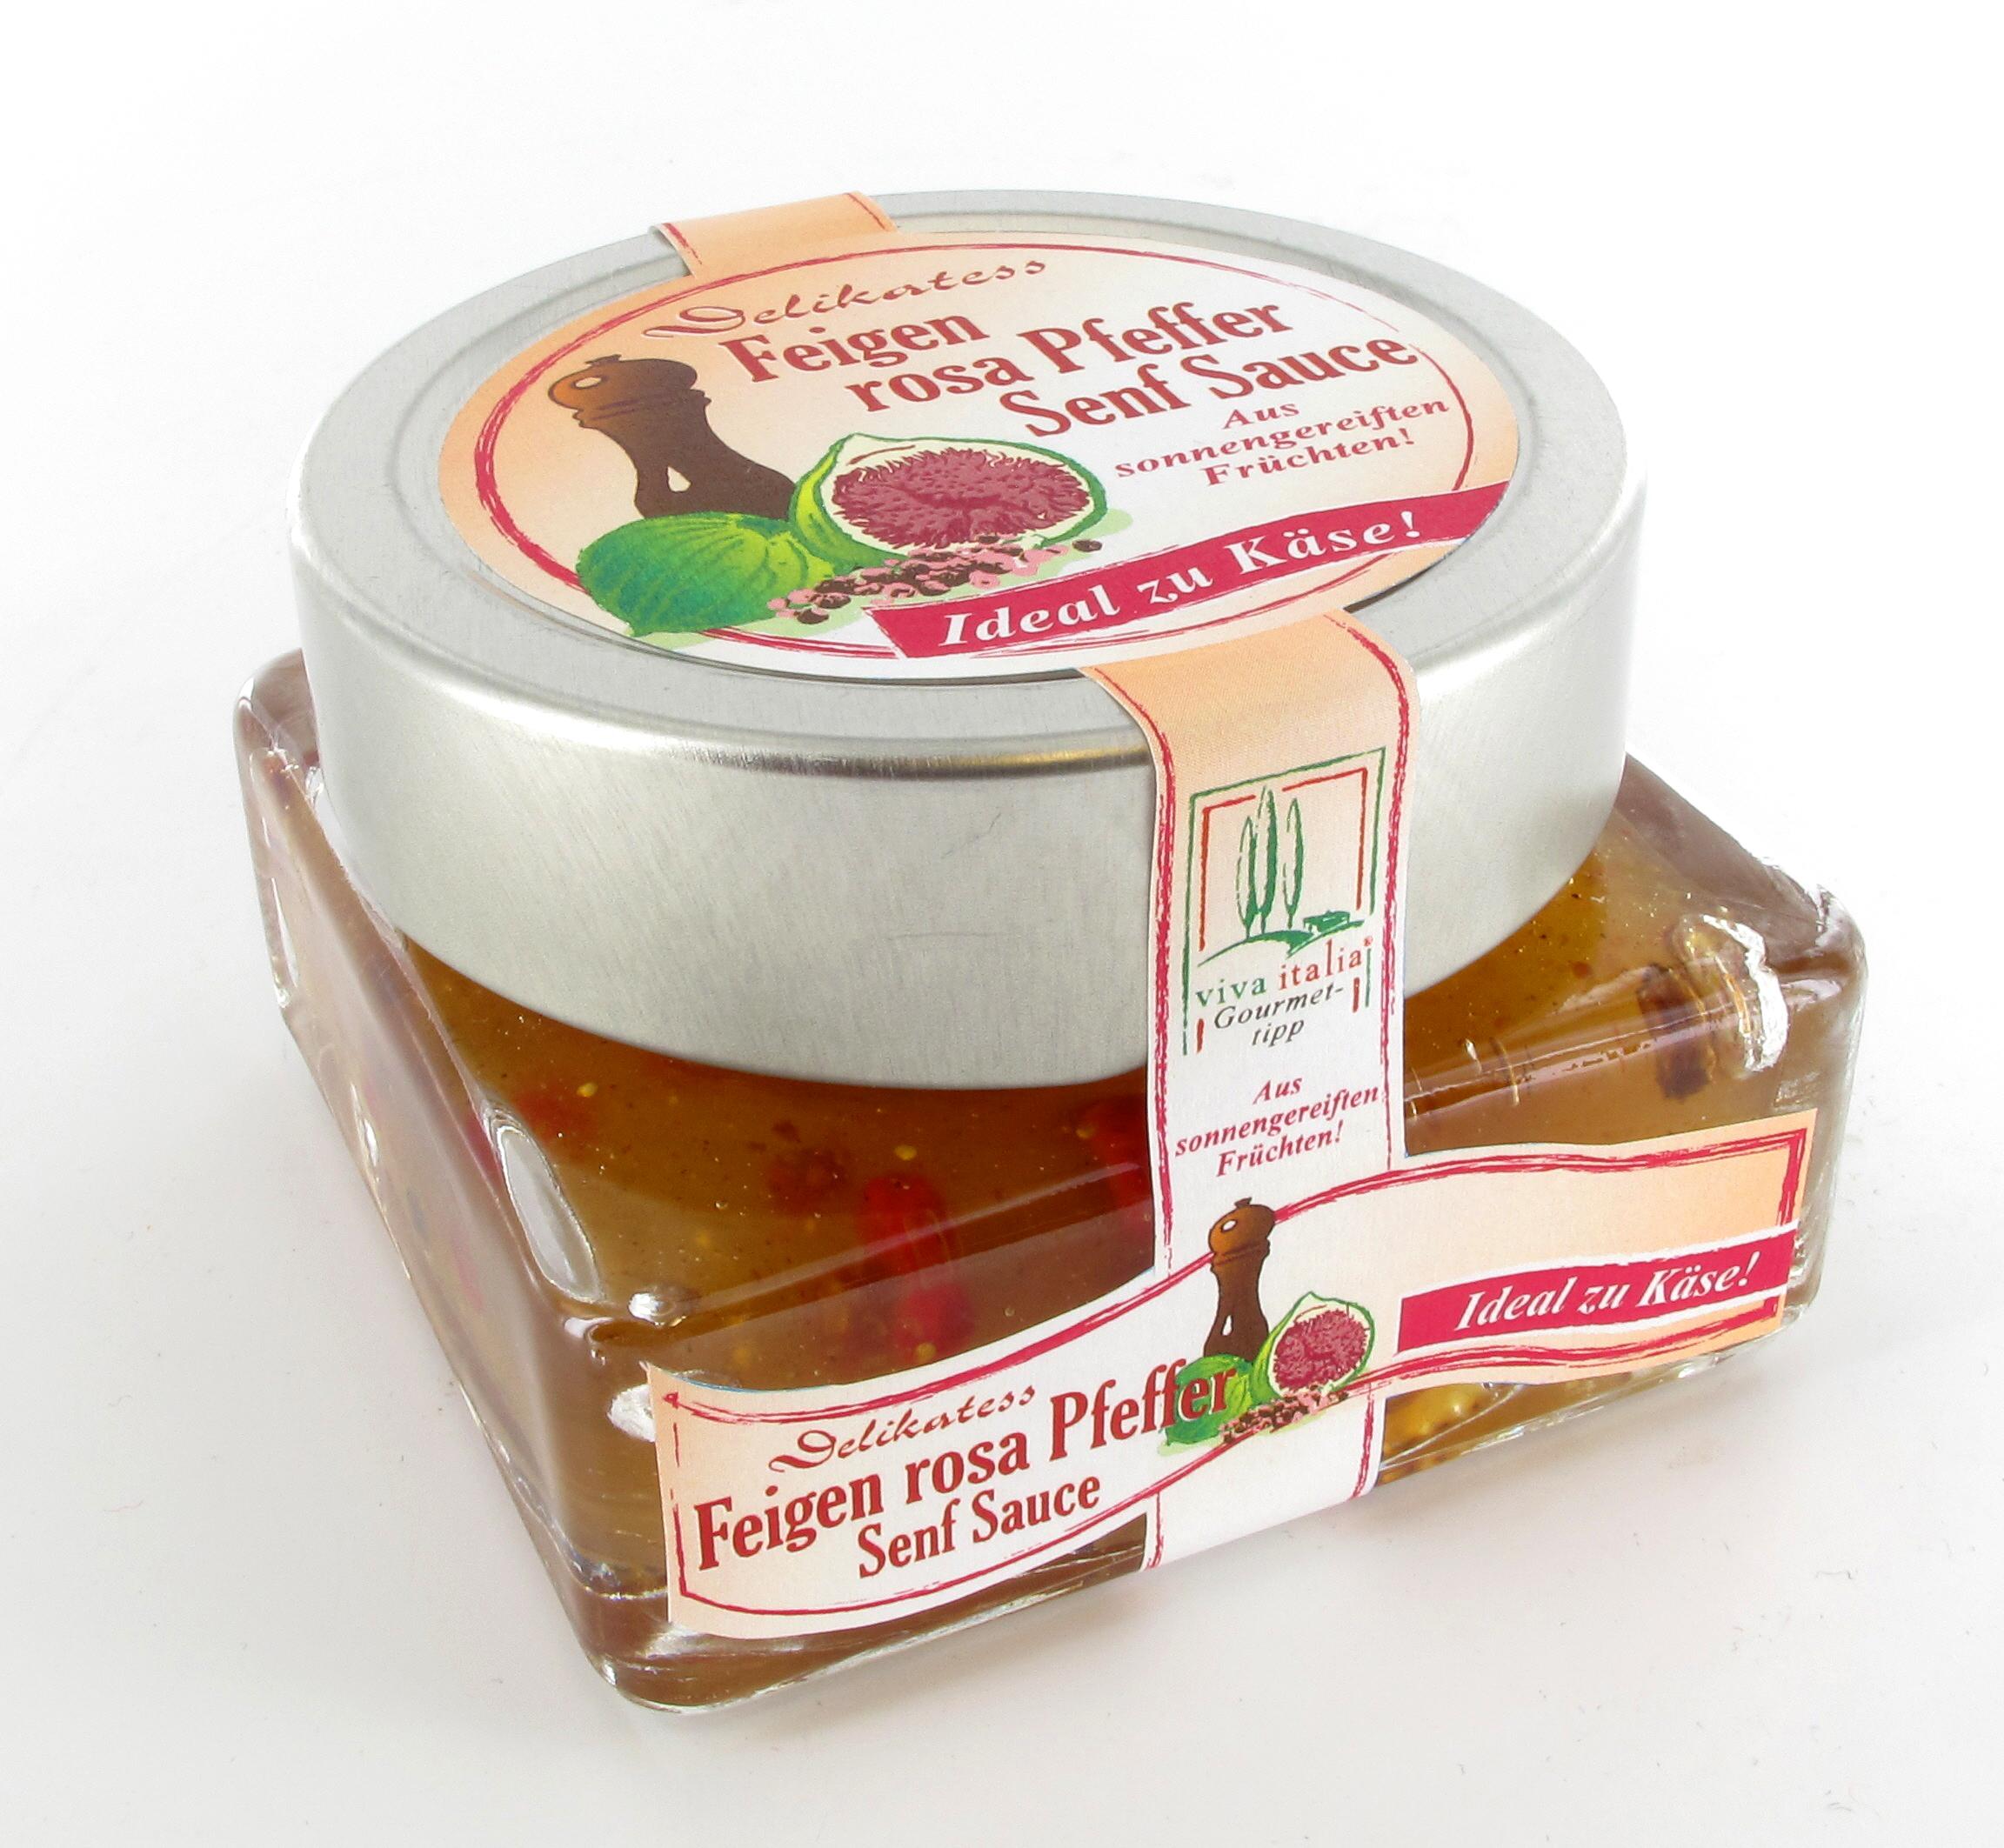 Viva Italia Fruchtsenfsauce  Feige Rosa Pfeffer 140g